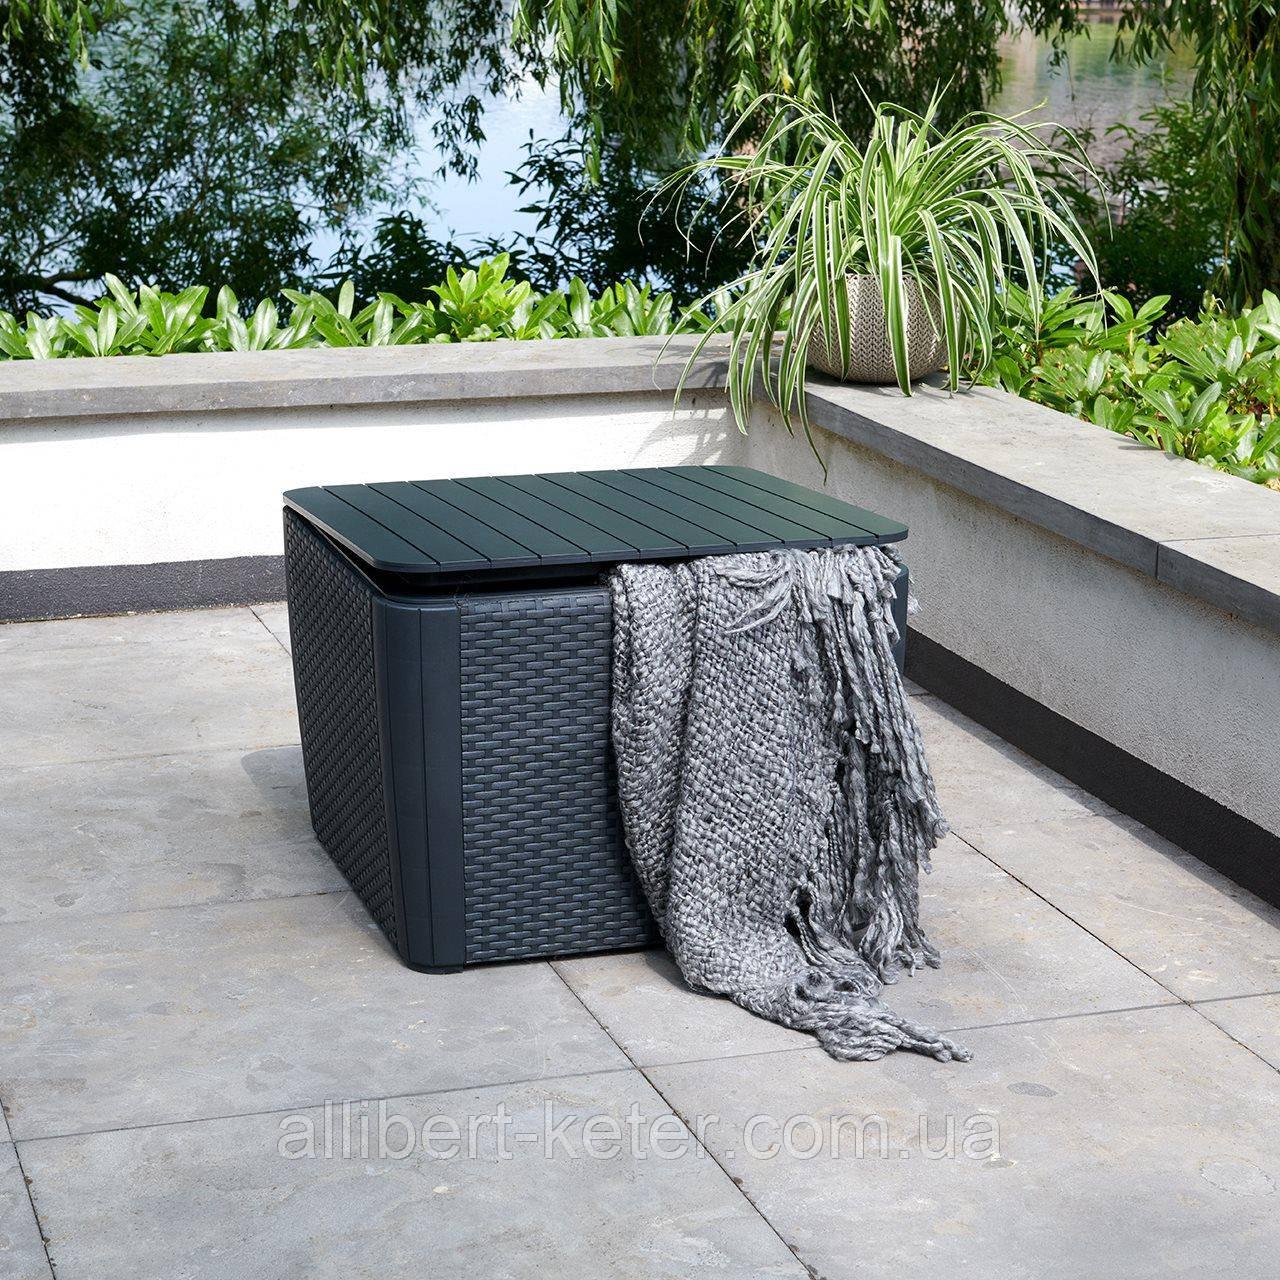 Стол садовый уличный Allibert Luzon Plus Flat Waves Table из искусственного ротанга